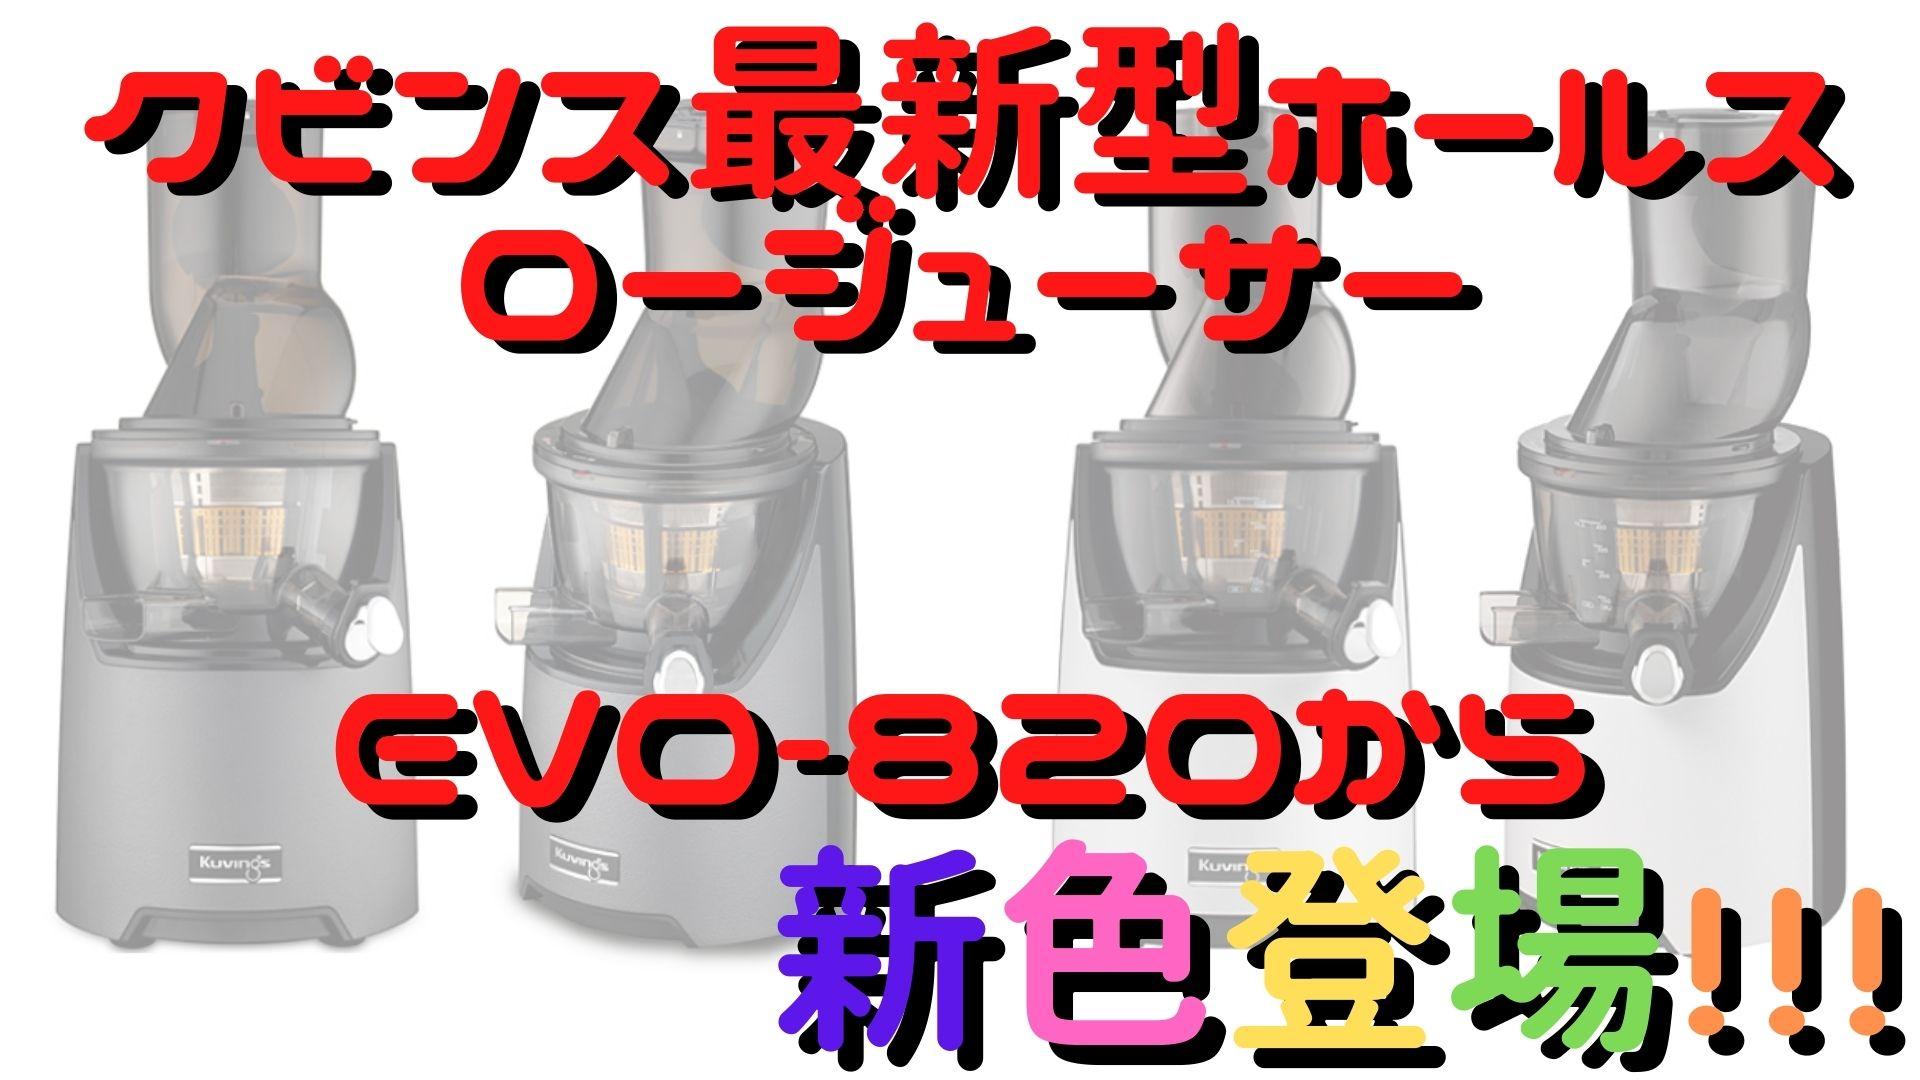 クビンス最新型ホールスロージューサーevo-820から新色登場!!